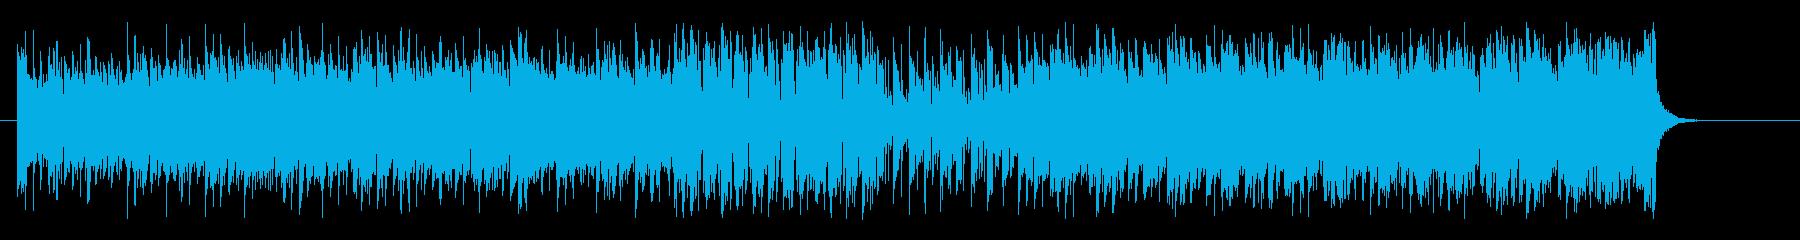 リズミカルなマイナーエレクトロシャッフルの再生済みの波形